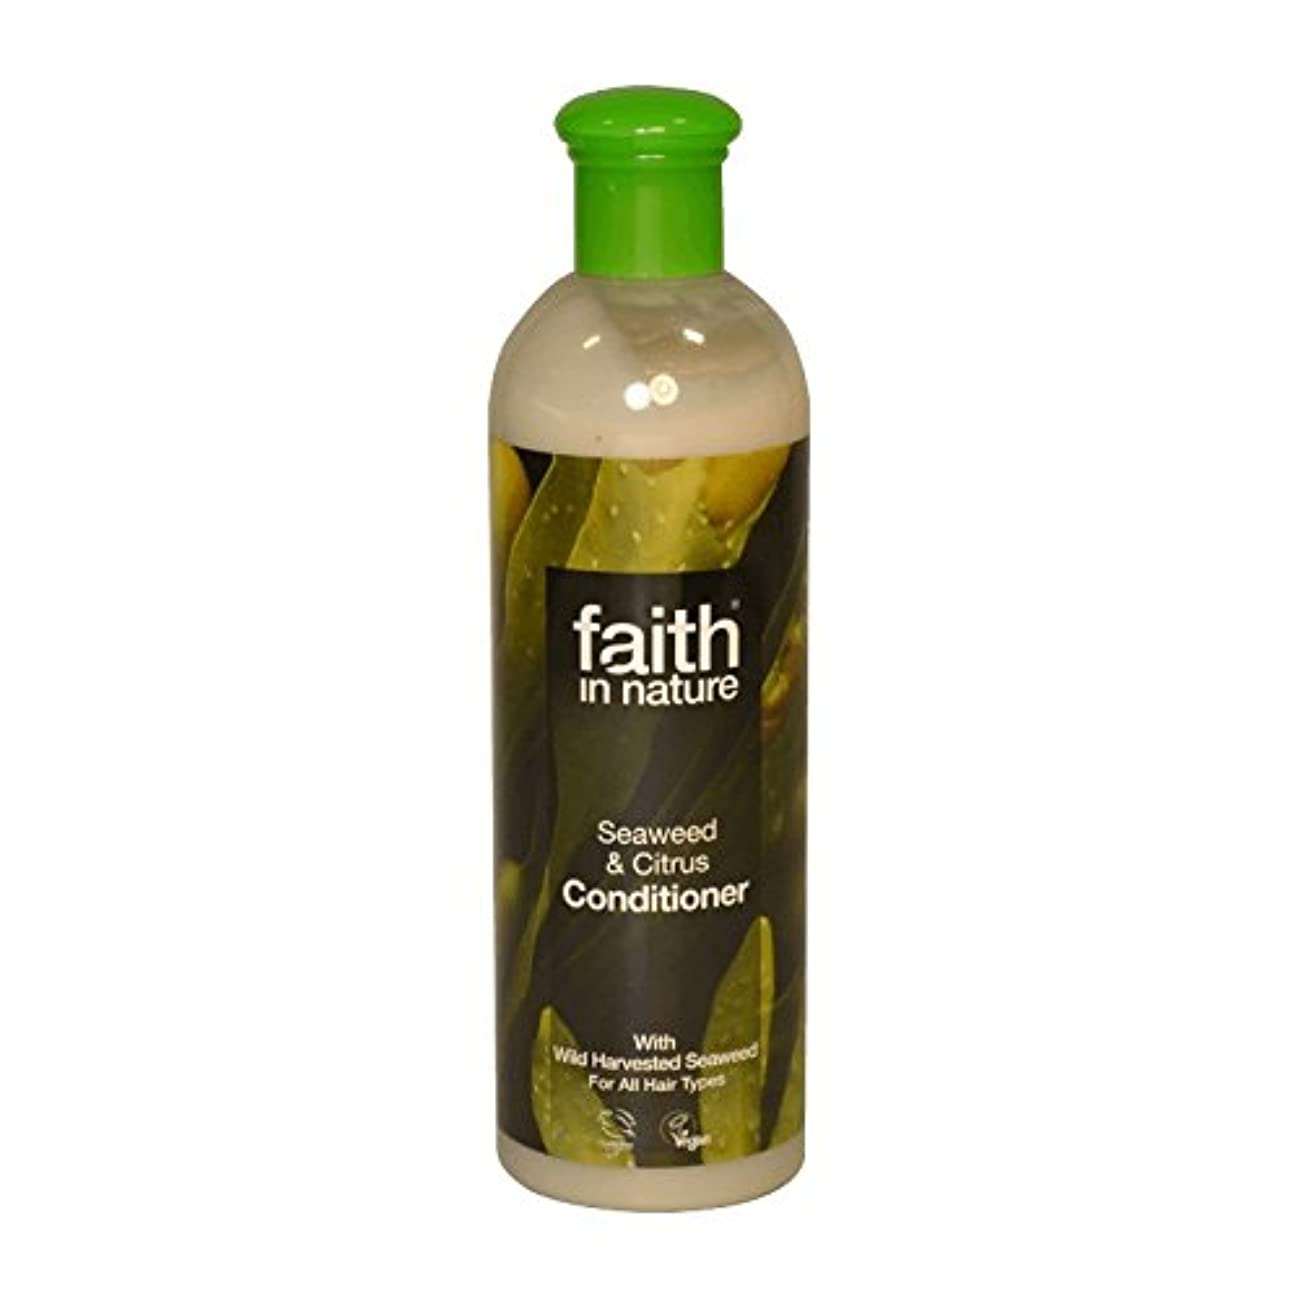 ケープ電気陽性アンデス山脈Faith in Nature Seaweed & Citrus Conditioner 400ml (Pack of 2) - 自然の海藻&シトラスコンディショナー400ミリリットルの信仰 (x2) [並行輸入品]